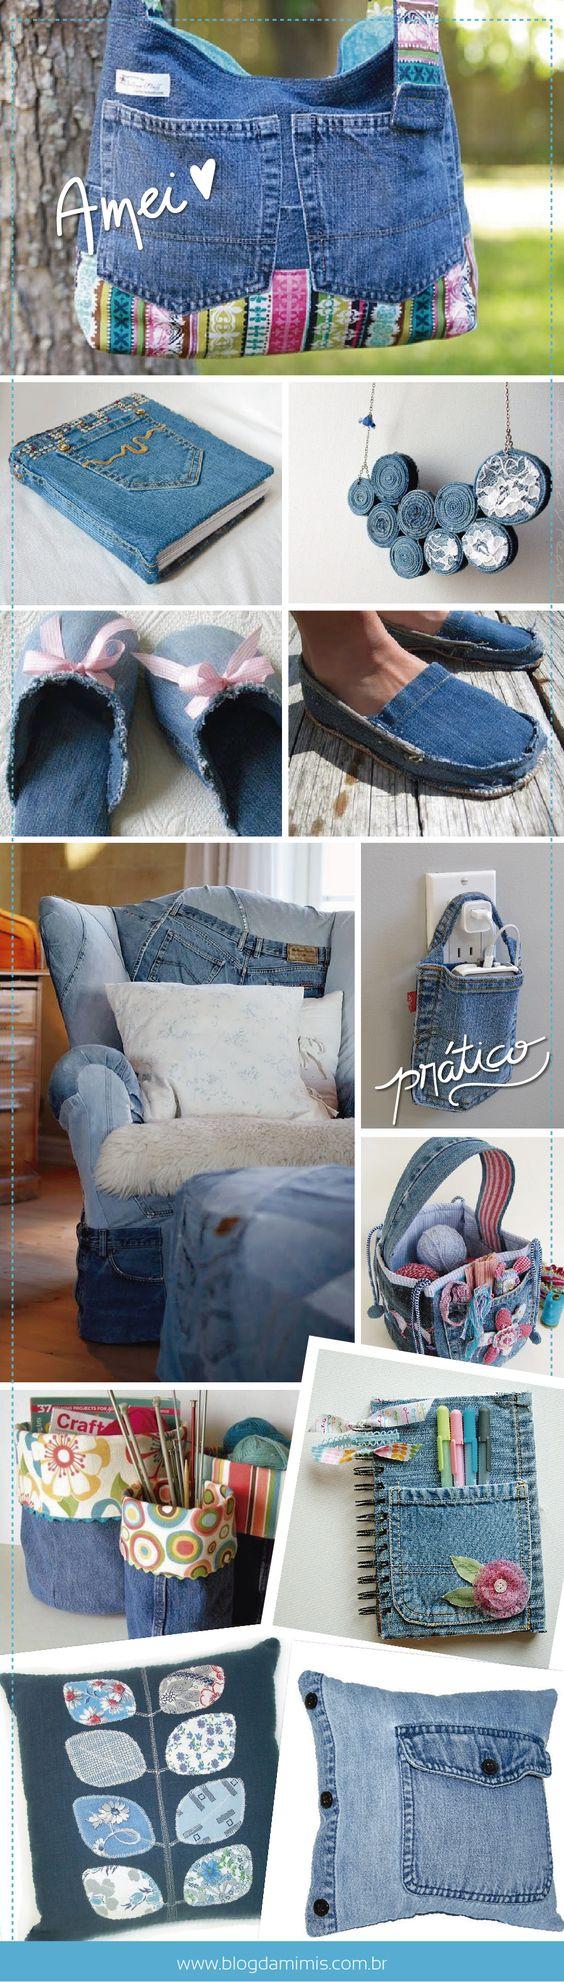 Dicas para reciclar seu jeans velho: